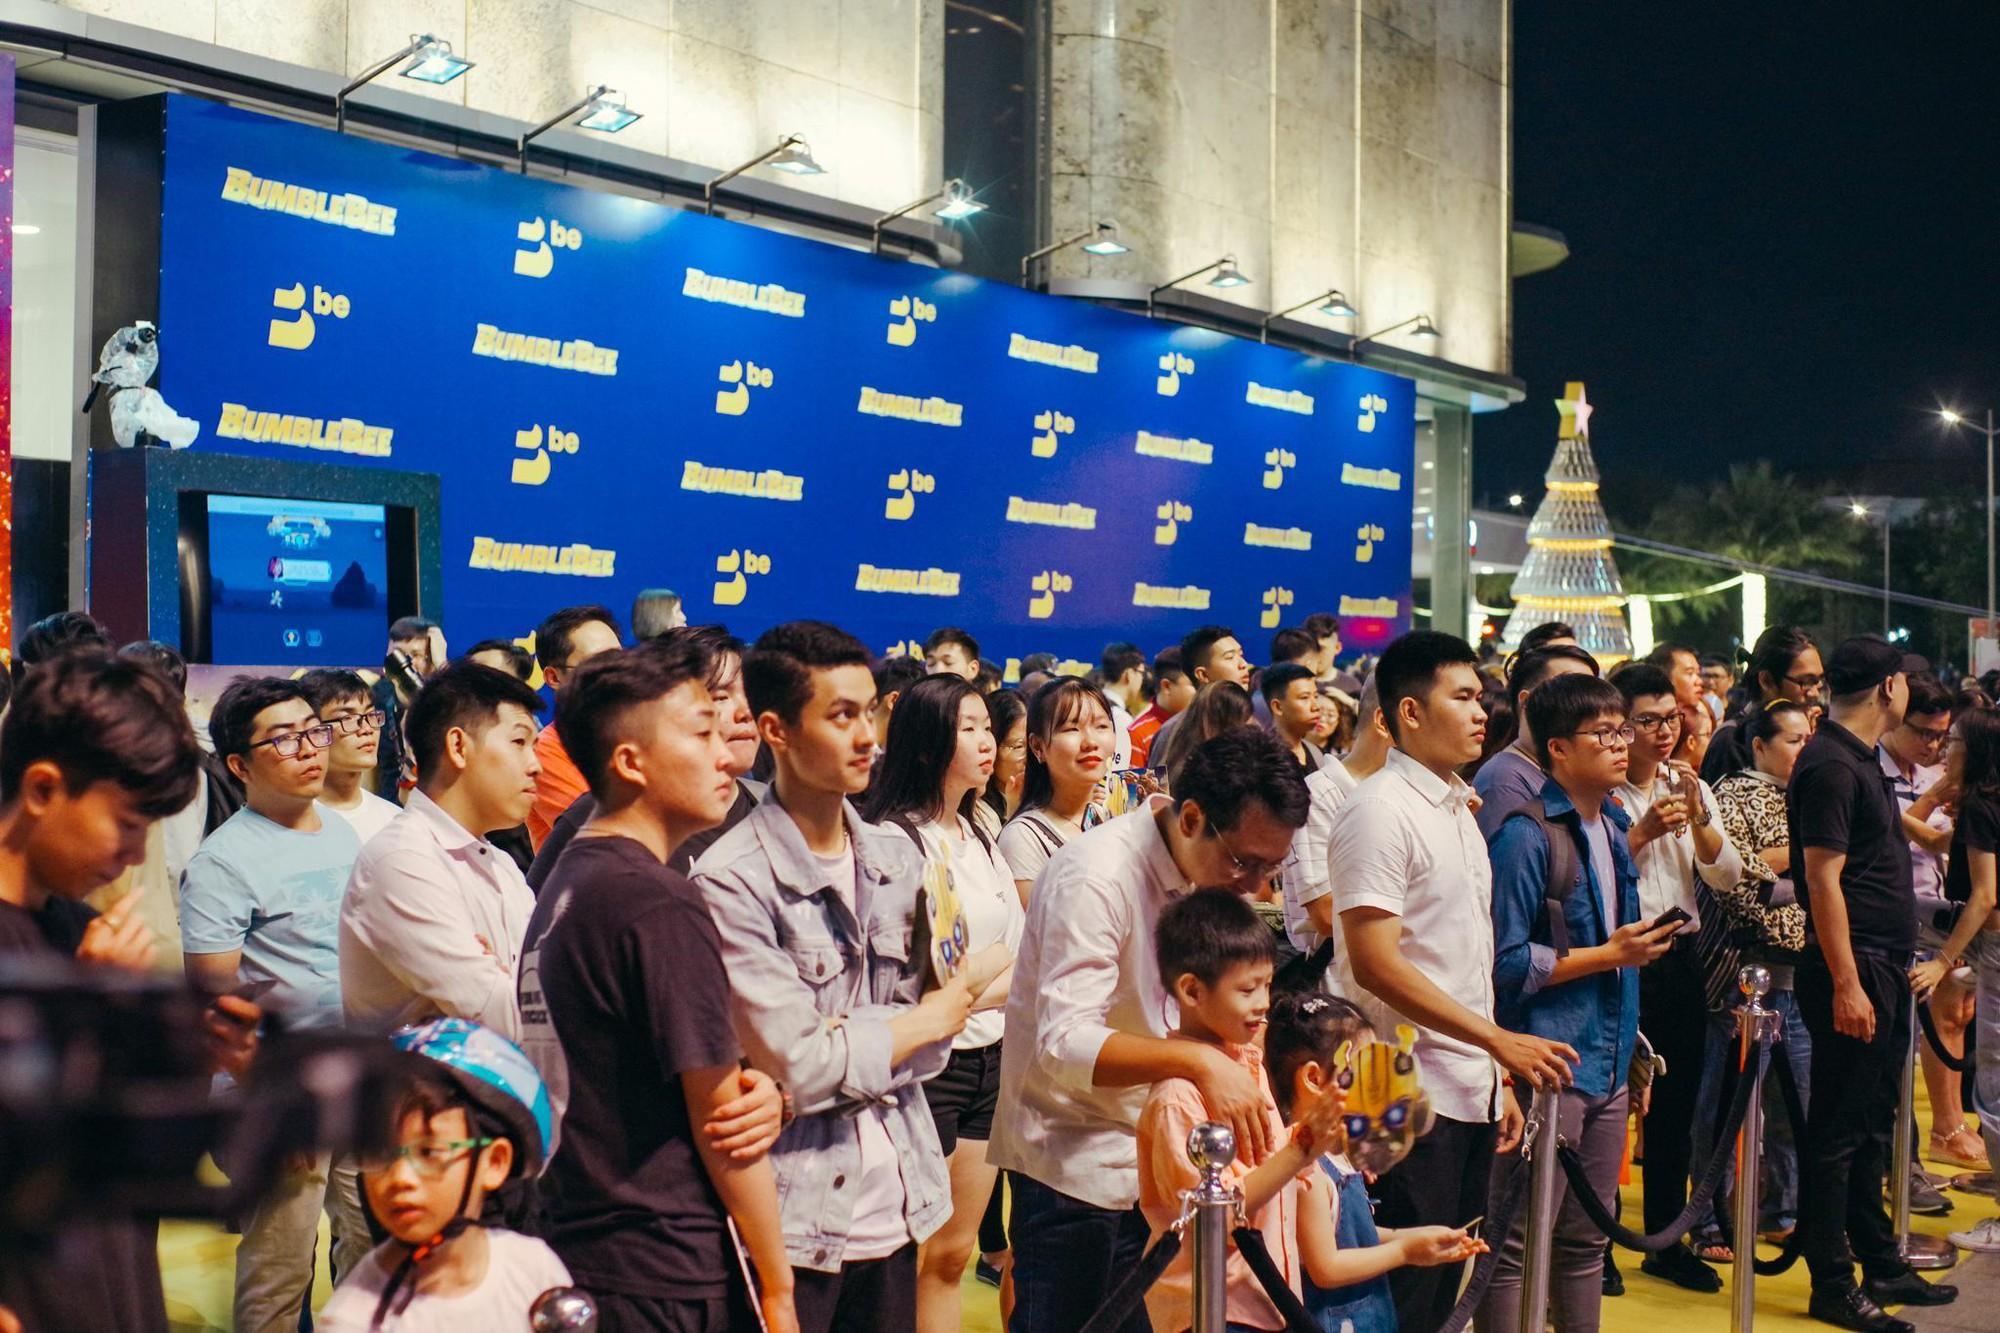 Choáng ngợp với mô hình Bumblebee lớn nhất tại Việt Nam - Ảnh 12.